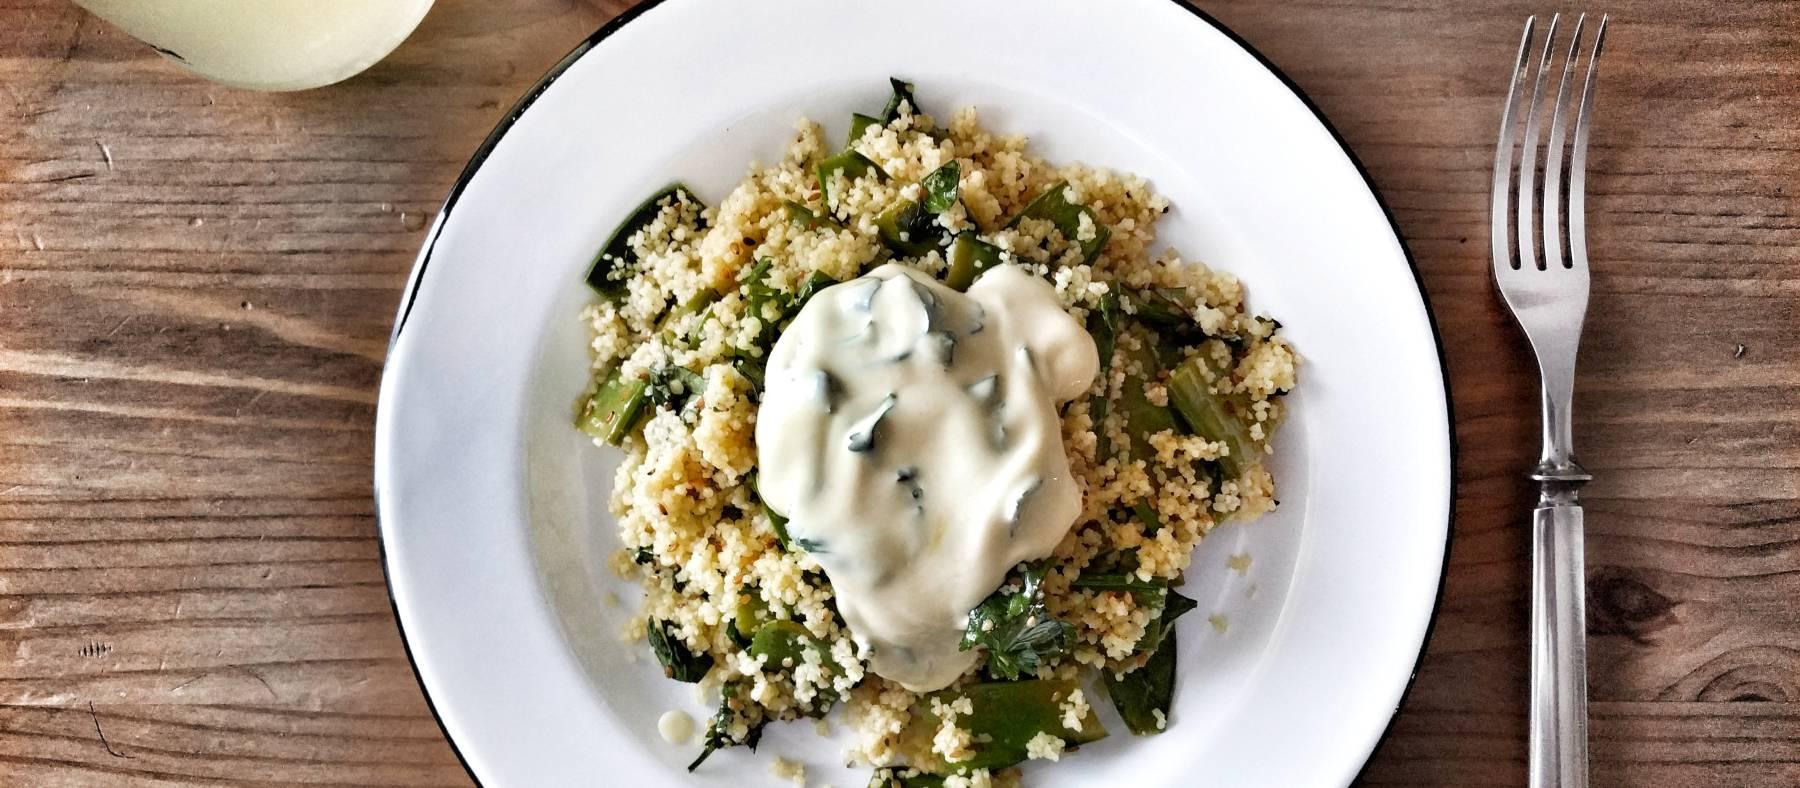 10 Platos De Verano Con Cuatro Ingredientes El Comidista El Pa S ~ Recetas Faciles Primeros Platos